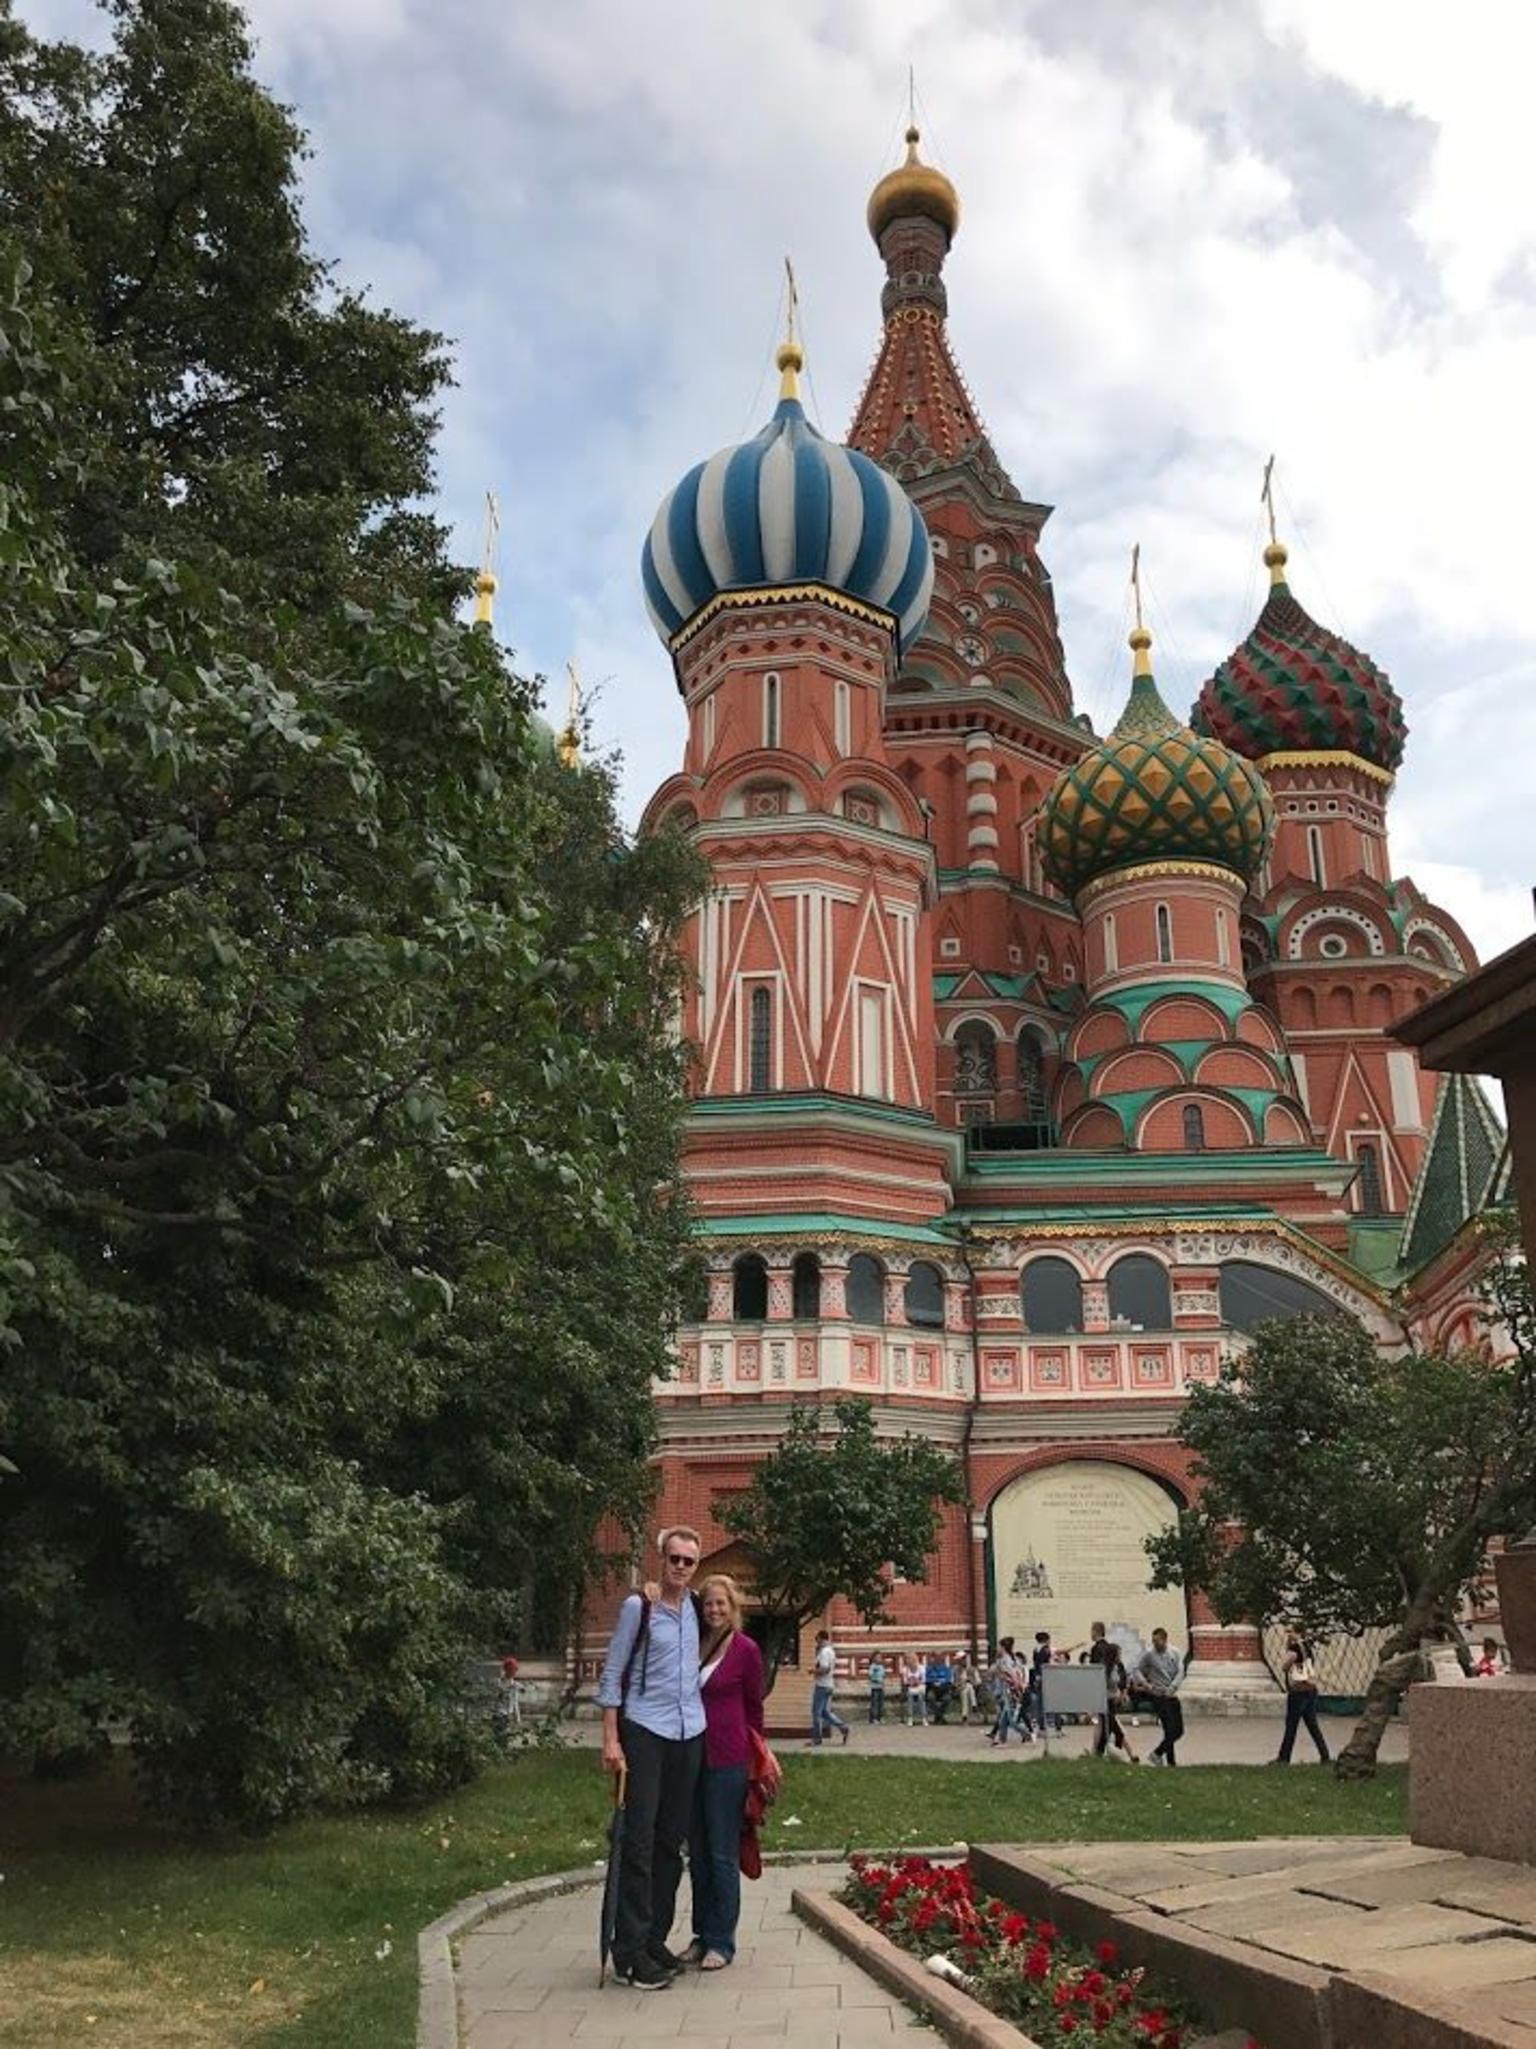 MAIS FOTOS, Melhor excursão de Moscou de 3 dias